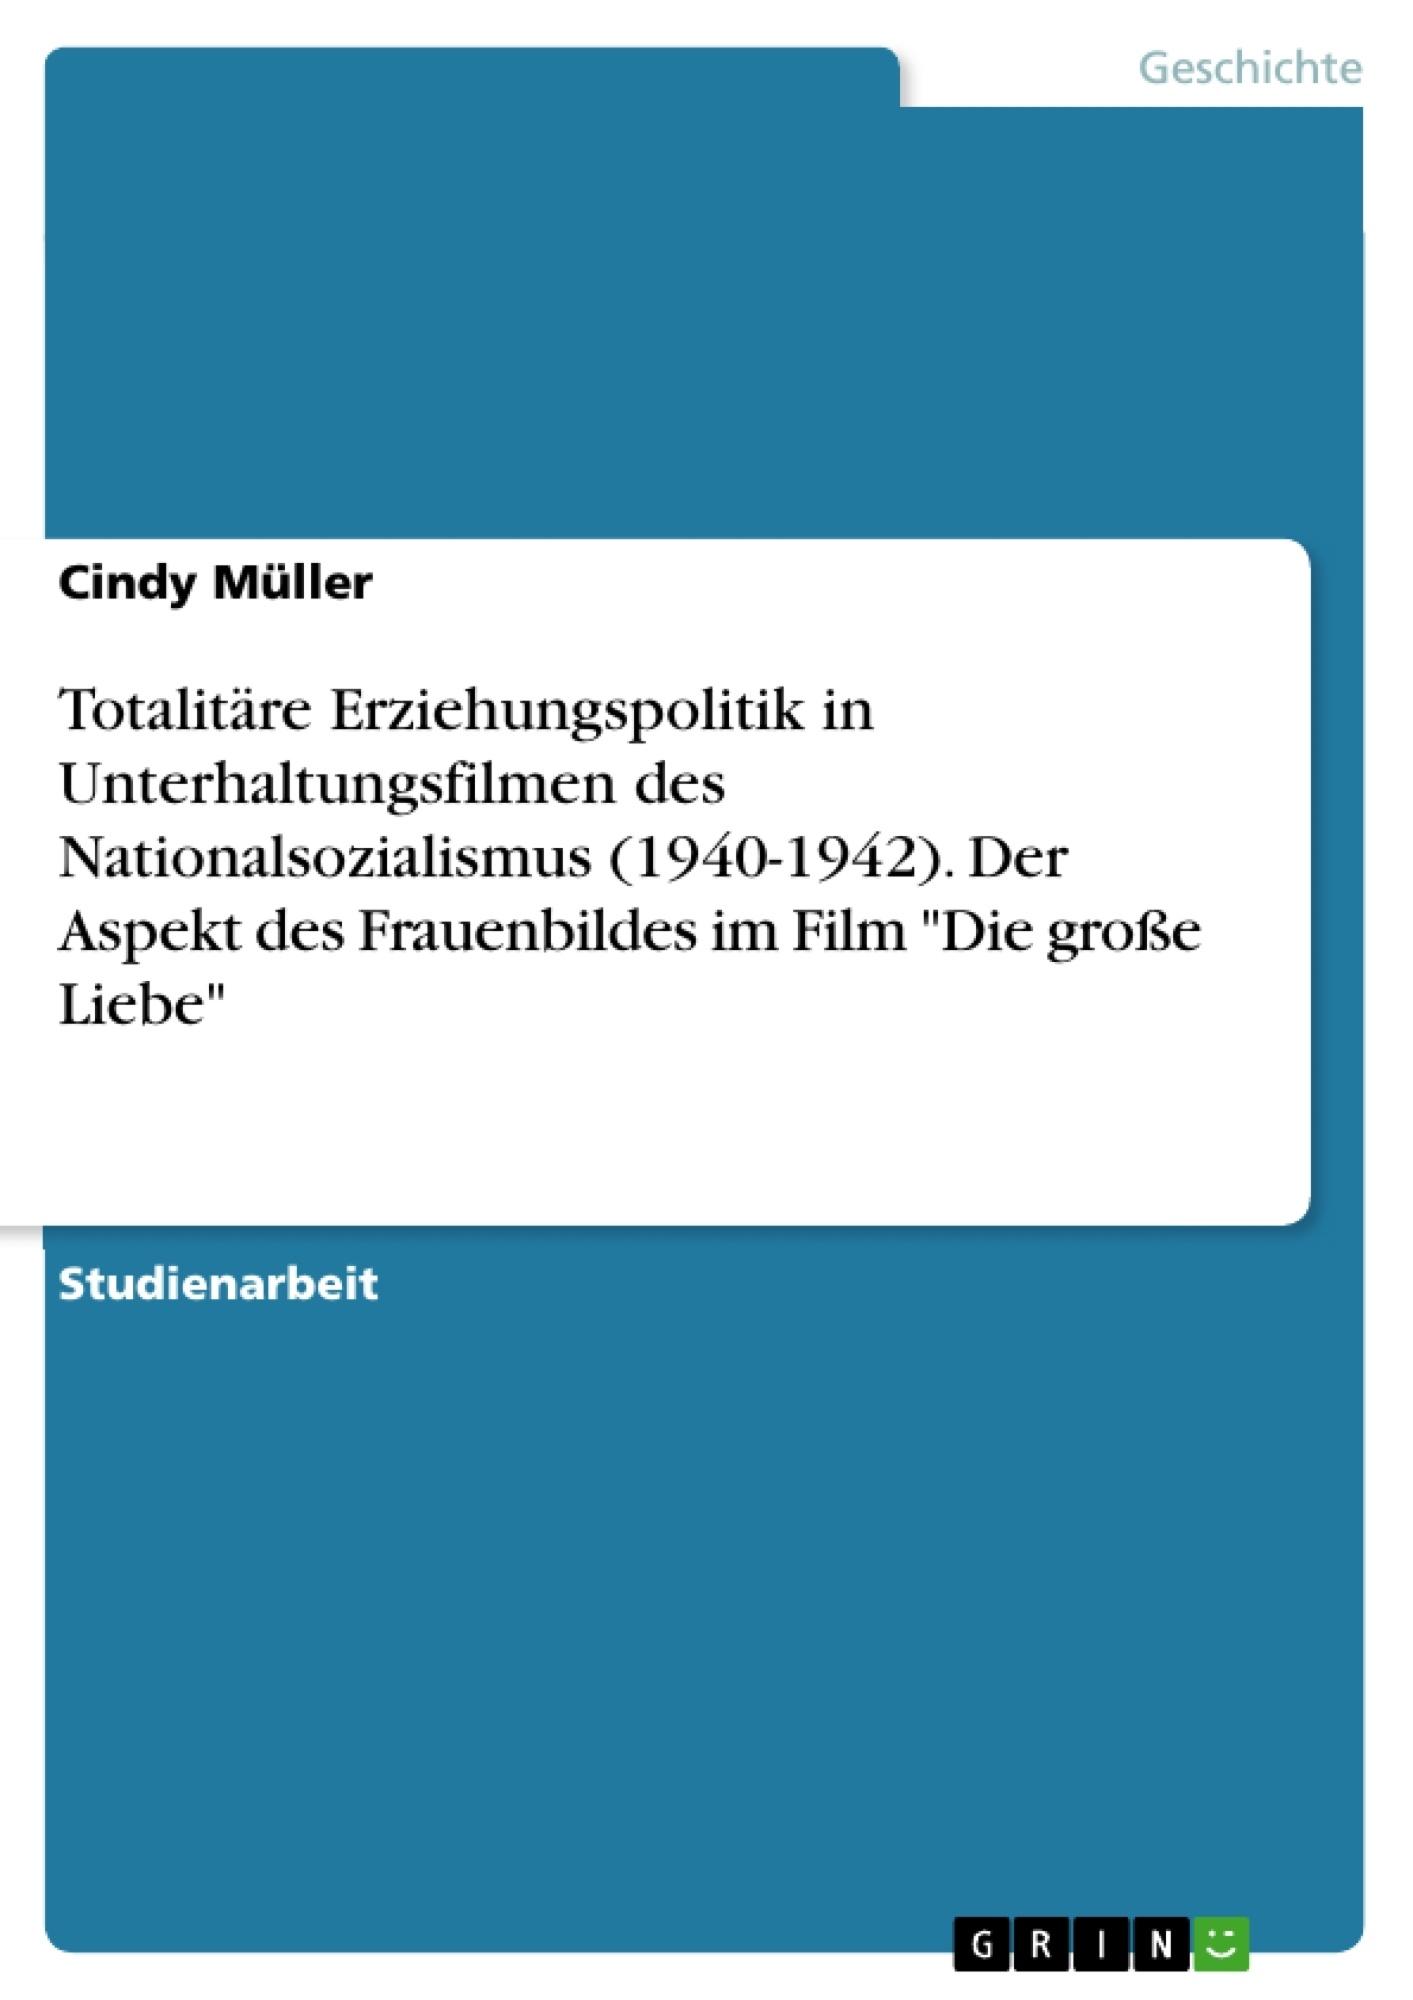 """Titel: Totalitäre Erziehungspolitik in Unterhaltungsfilmen des Nationalsozialismus (1940-1942). Der Aspekt des Frauenbildes im Film """"Die große Liebe"""""""